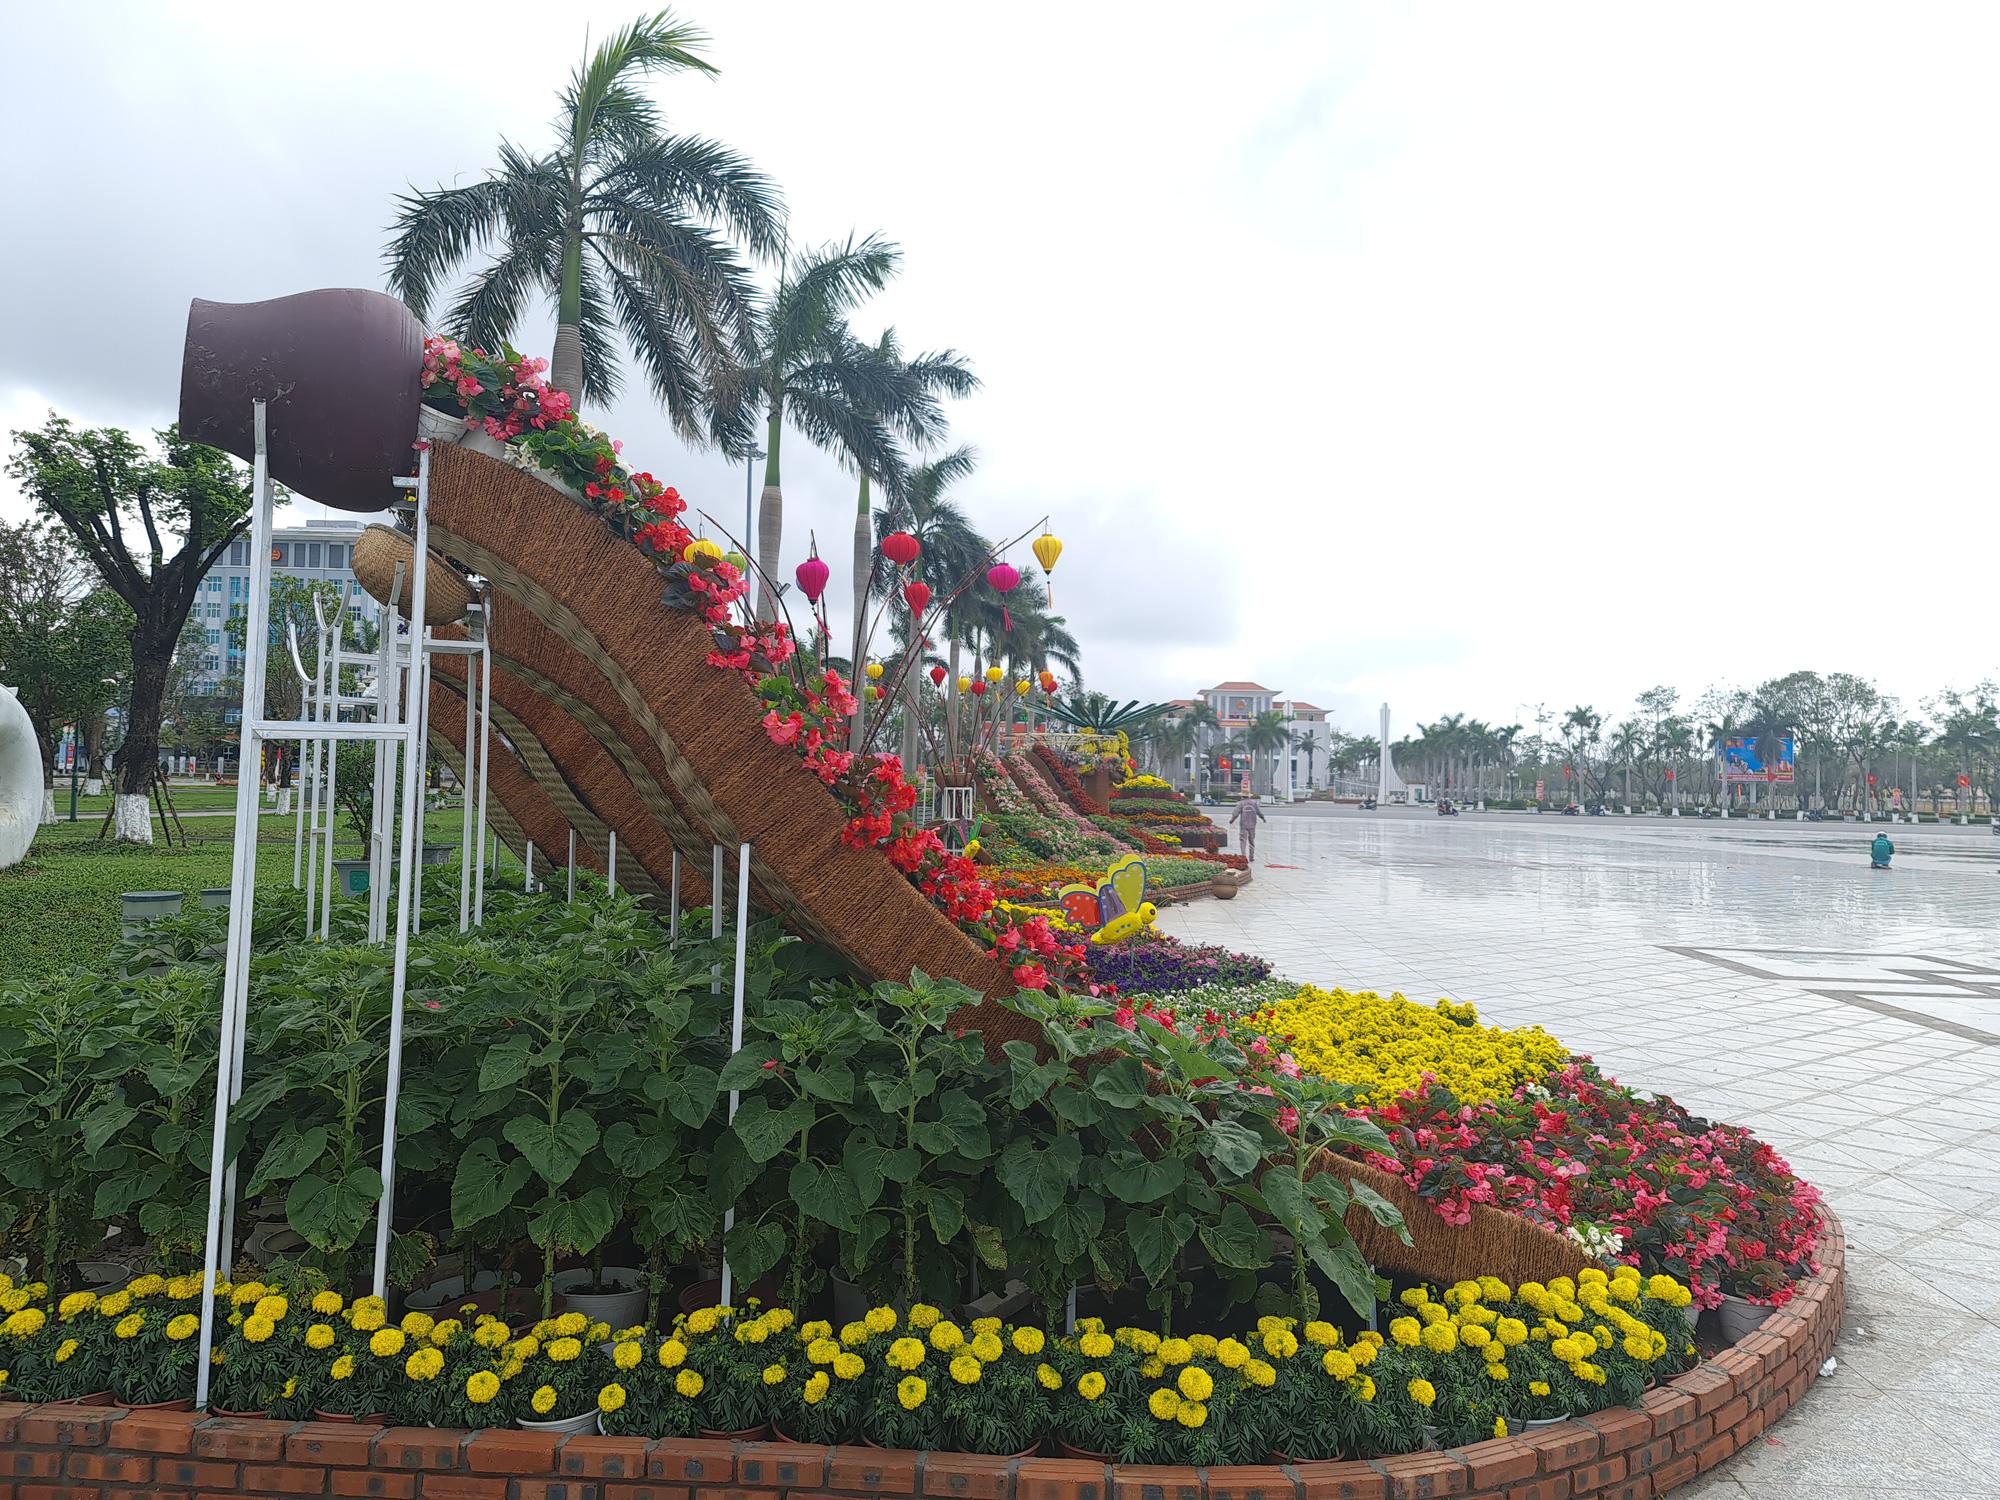 Quảng trường lớn nhất tỉnh Quảng Nam được trang trí bằng đồ nhà nông và hàng chục loại hoa sắc sảo - Ảnh 4.